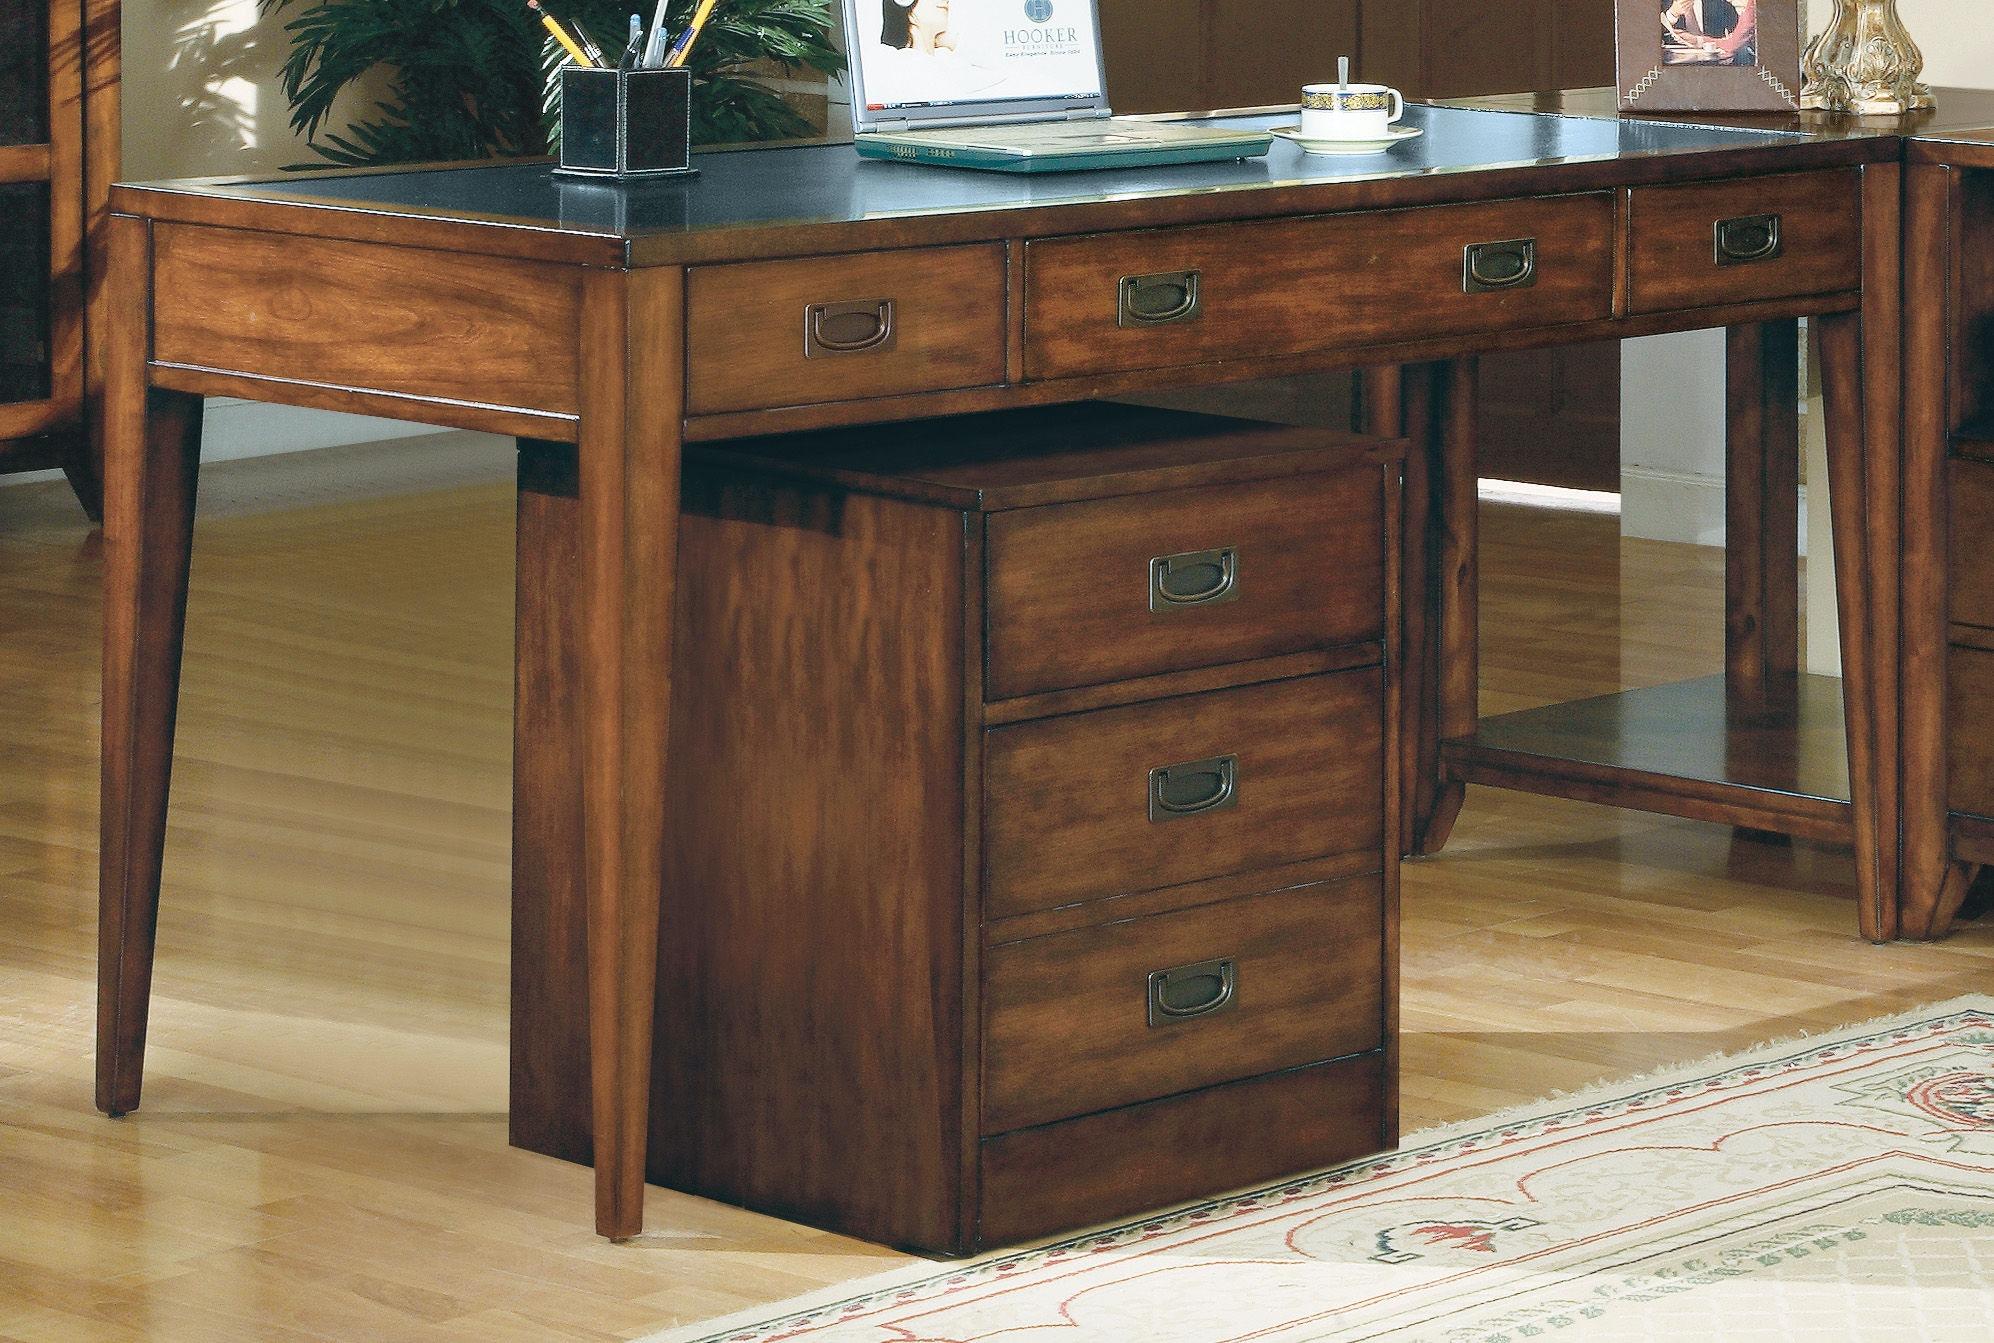 hooker furniture home office danforth executive leg desk 388-10-458